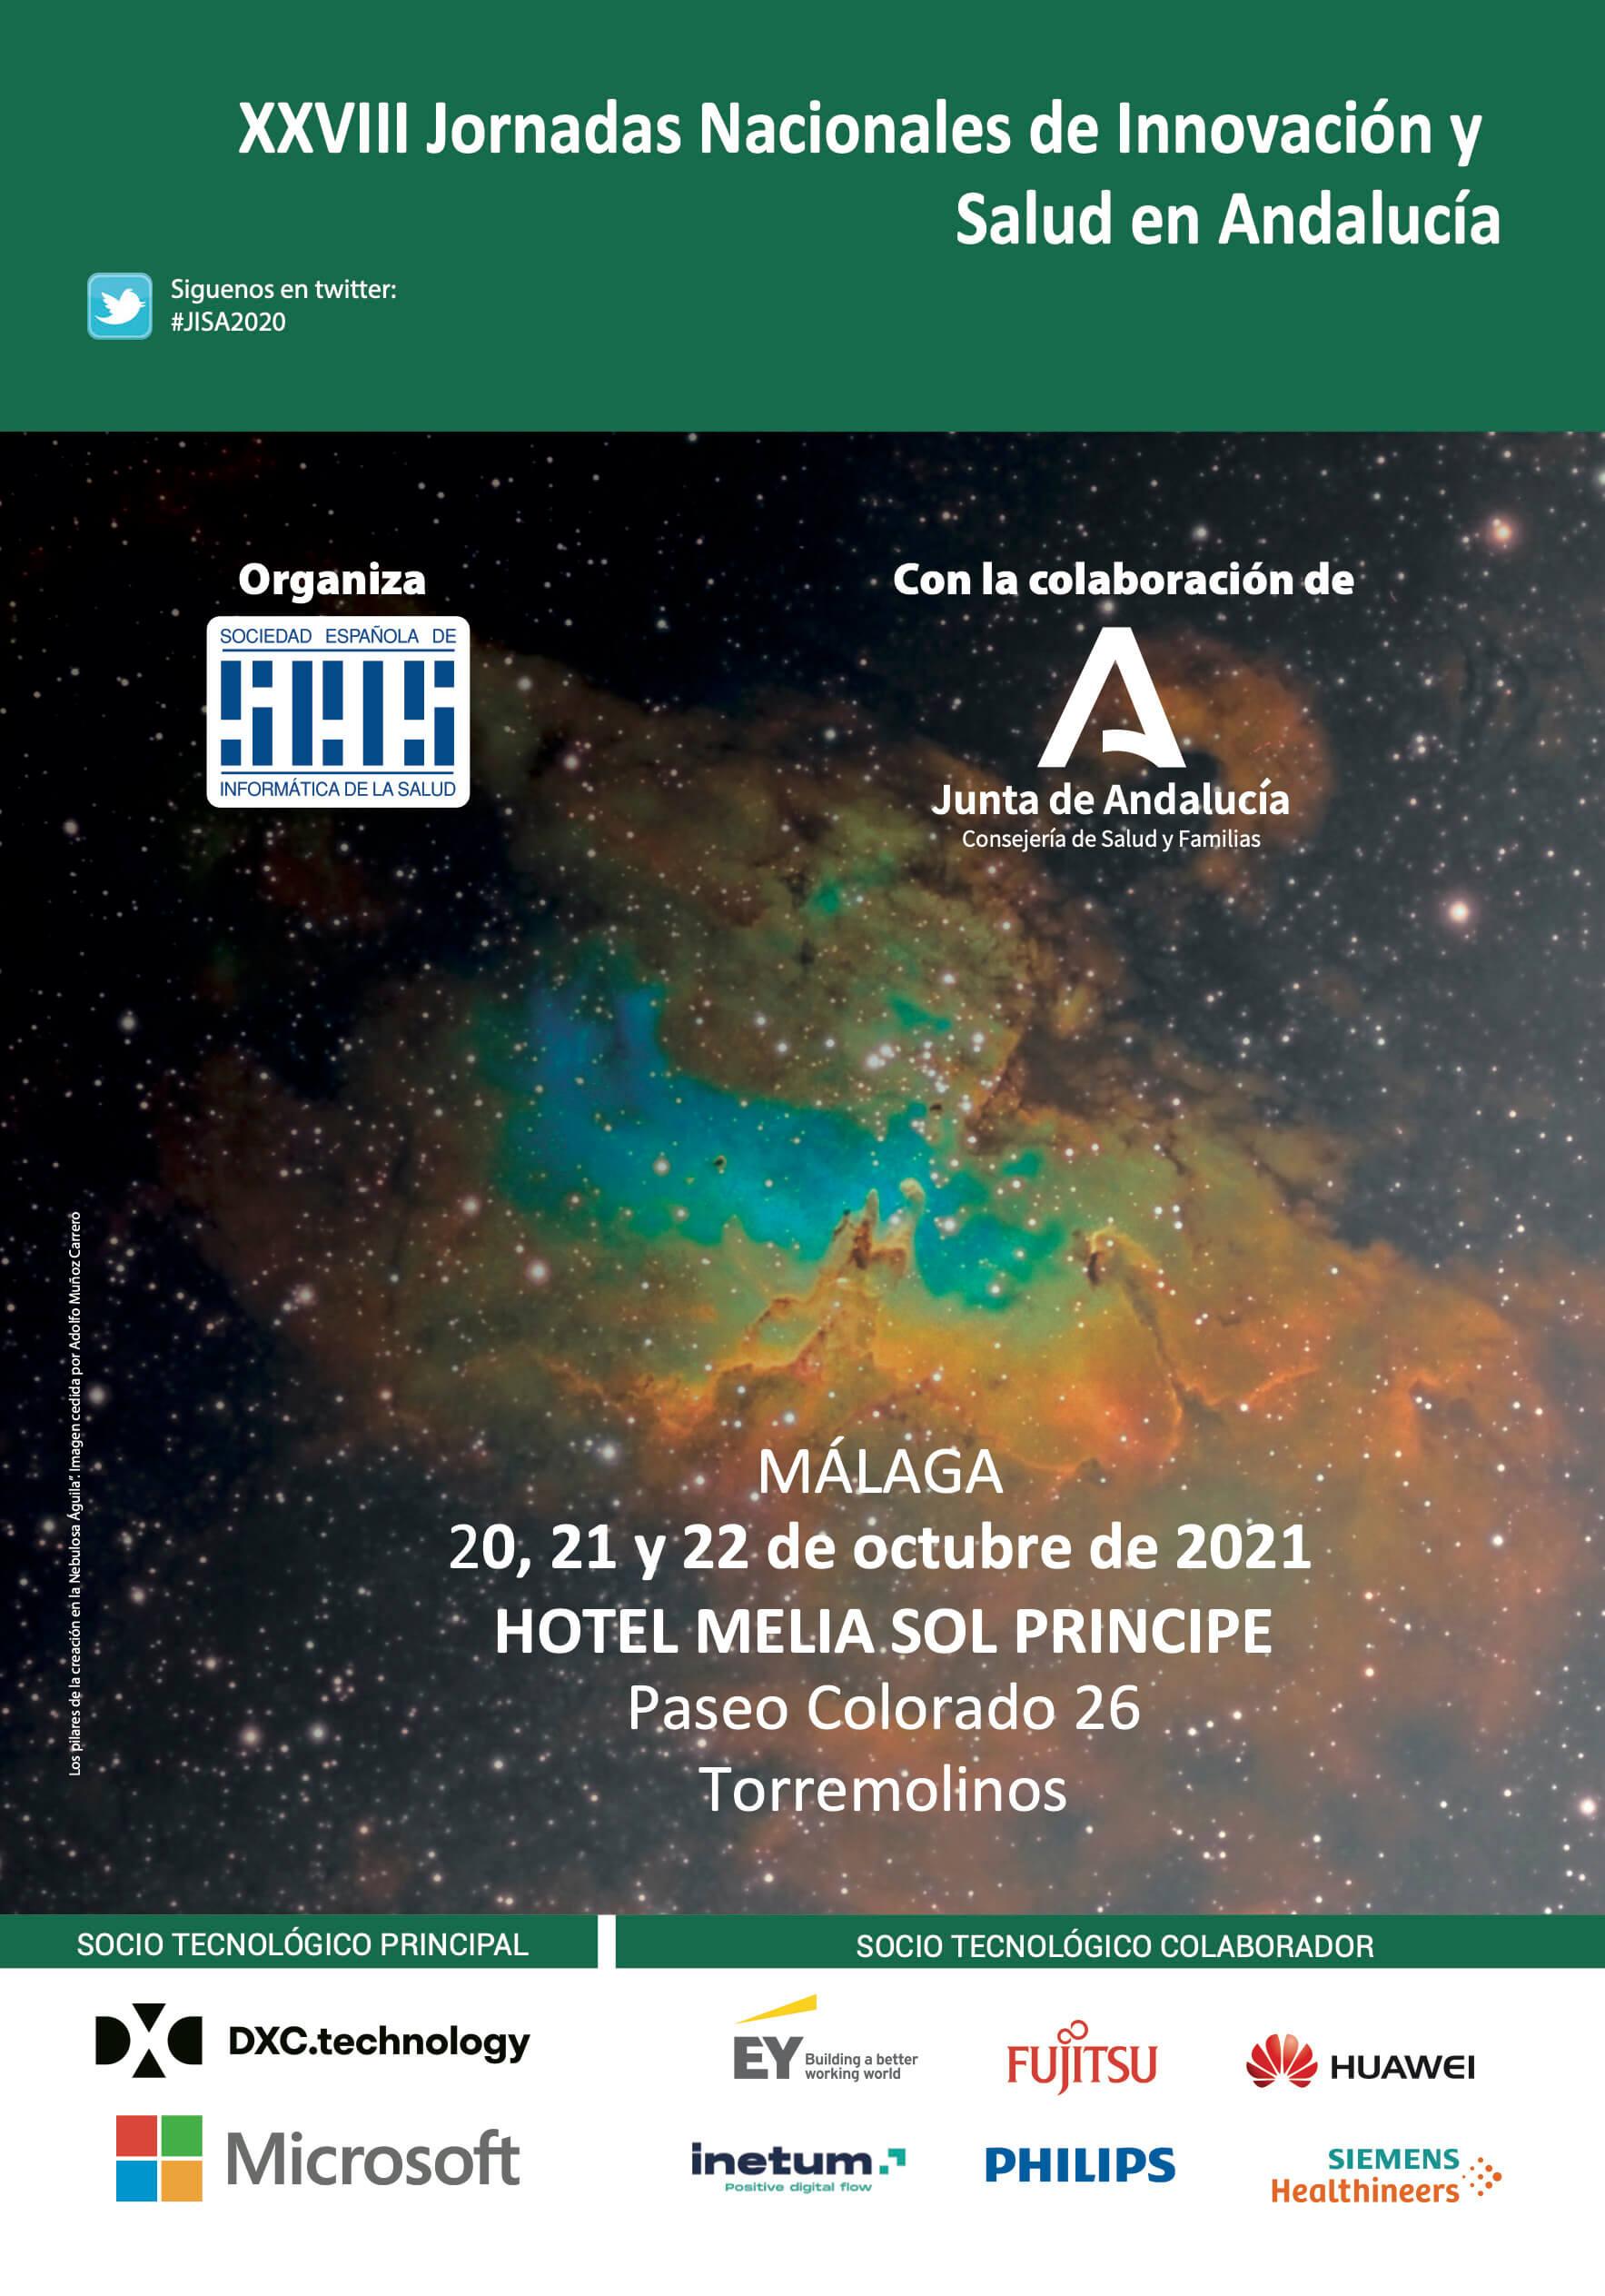 XXVIII Jornadas Nacionales de Innovación y Salud en Andalucía